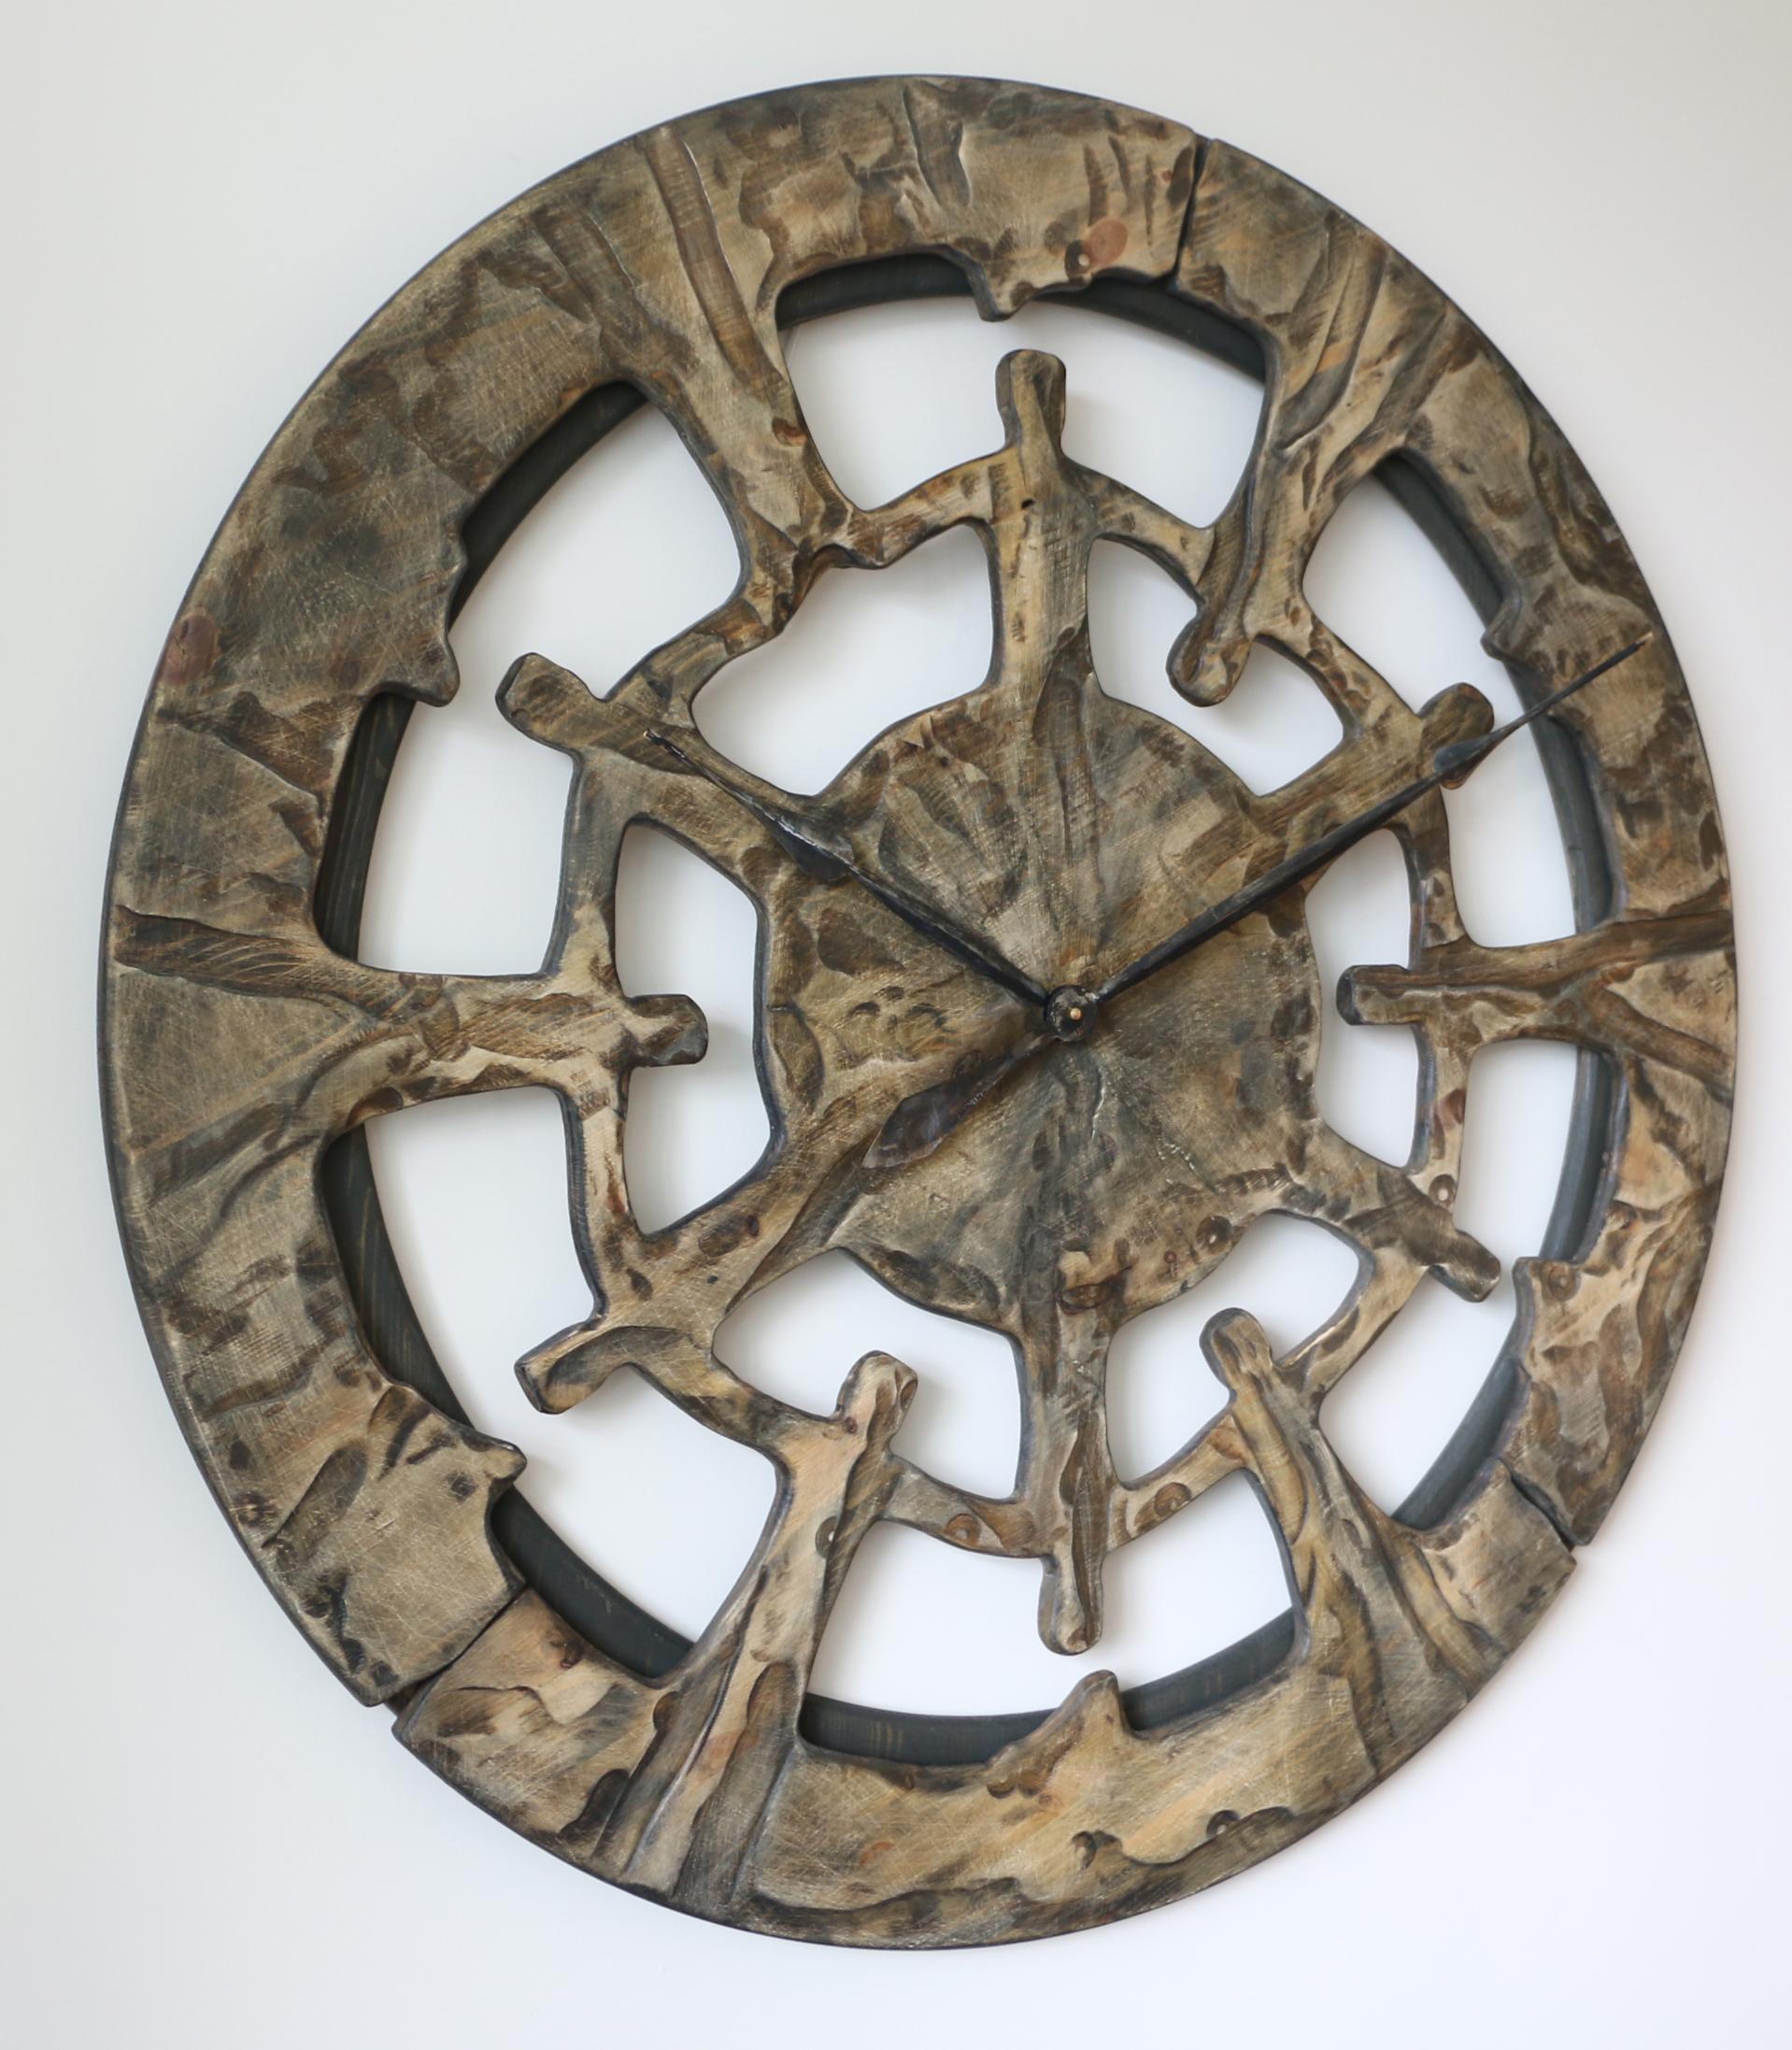 AuBergewohnlich Riesengroße Handgefertigte Wanduhr Aus Holz, Ansicht Von Links